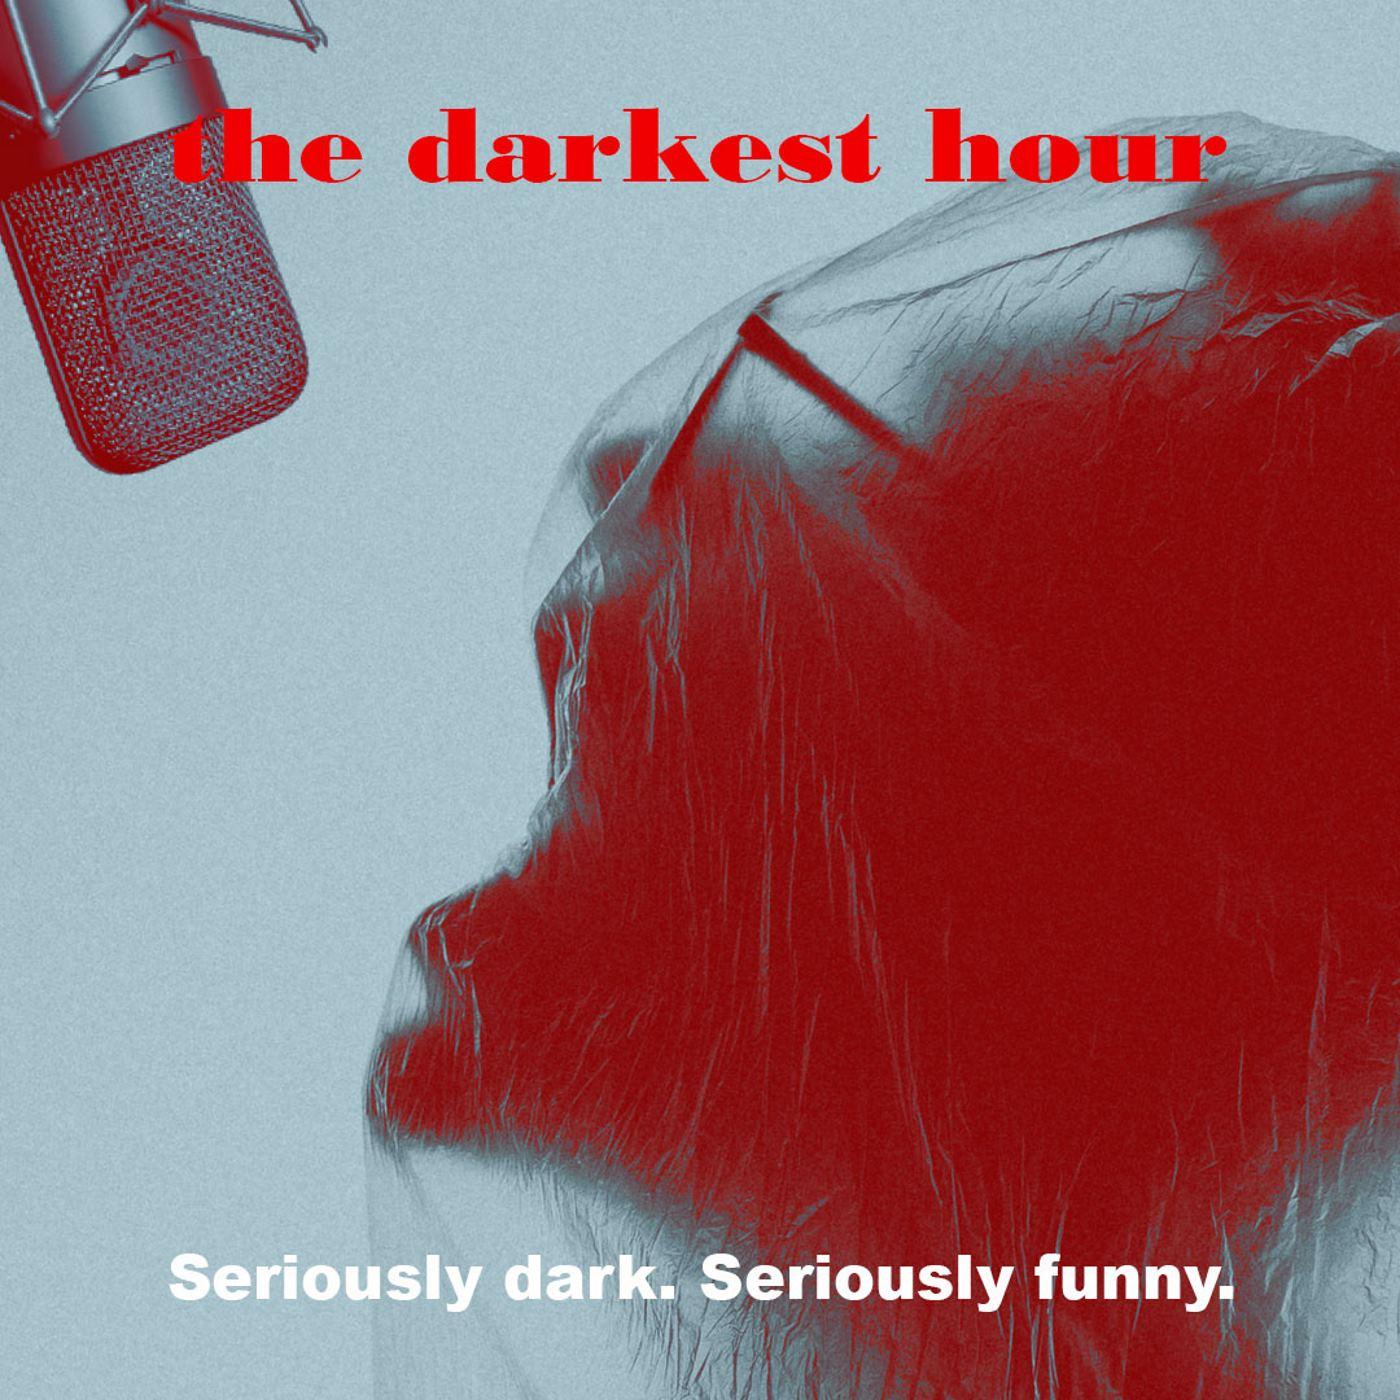 The Darkest Hour Episode 6